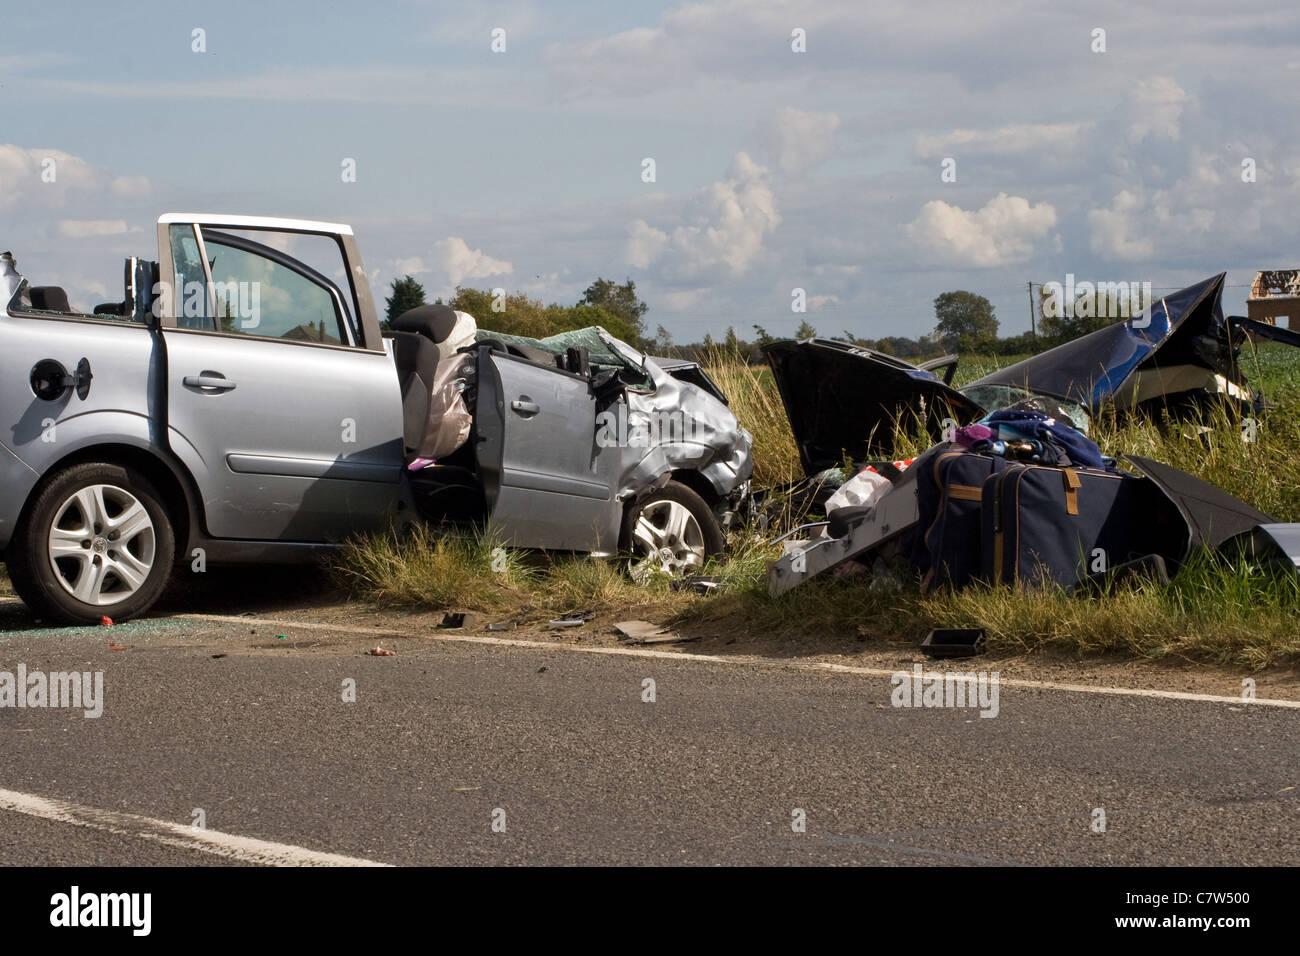 Fatal Accident Crash Pictur:es and Stories - car